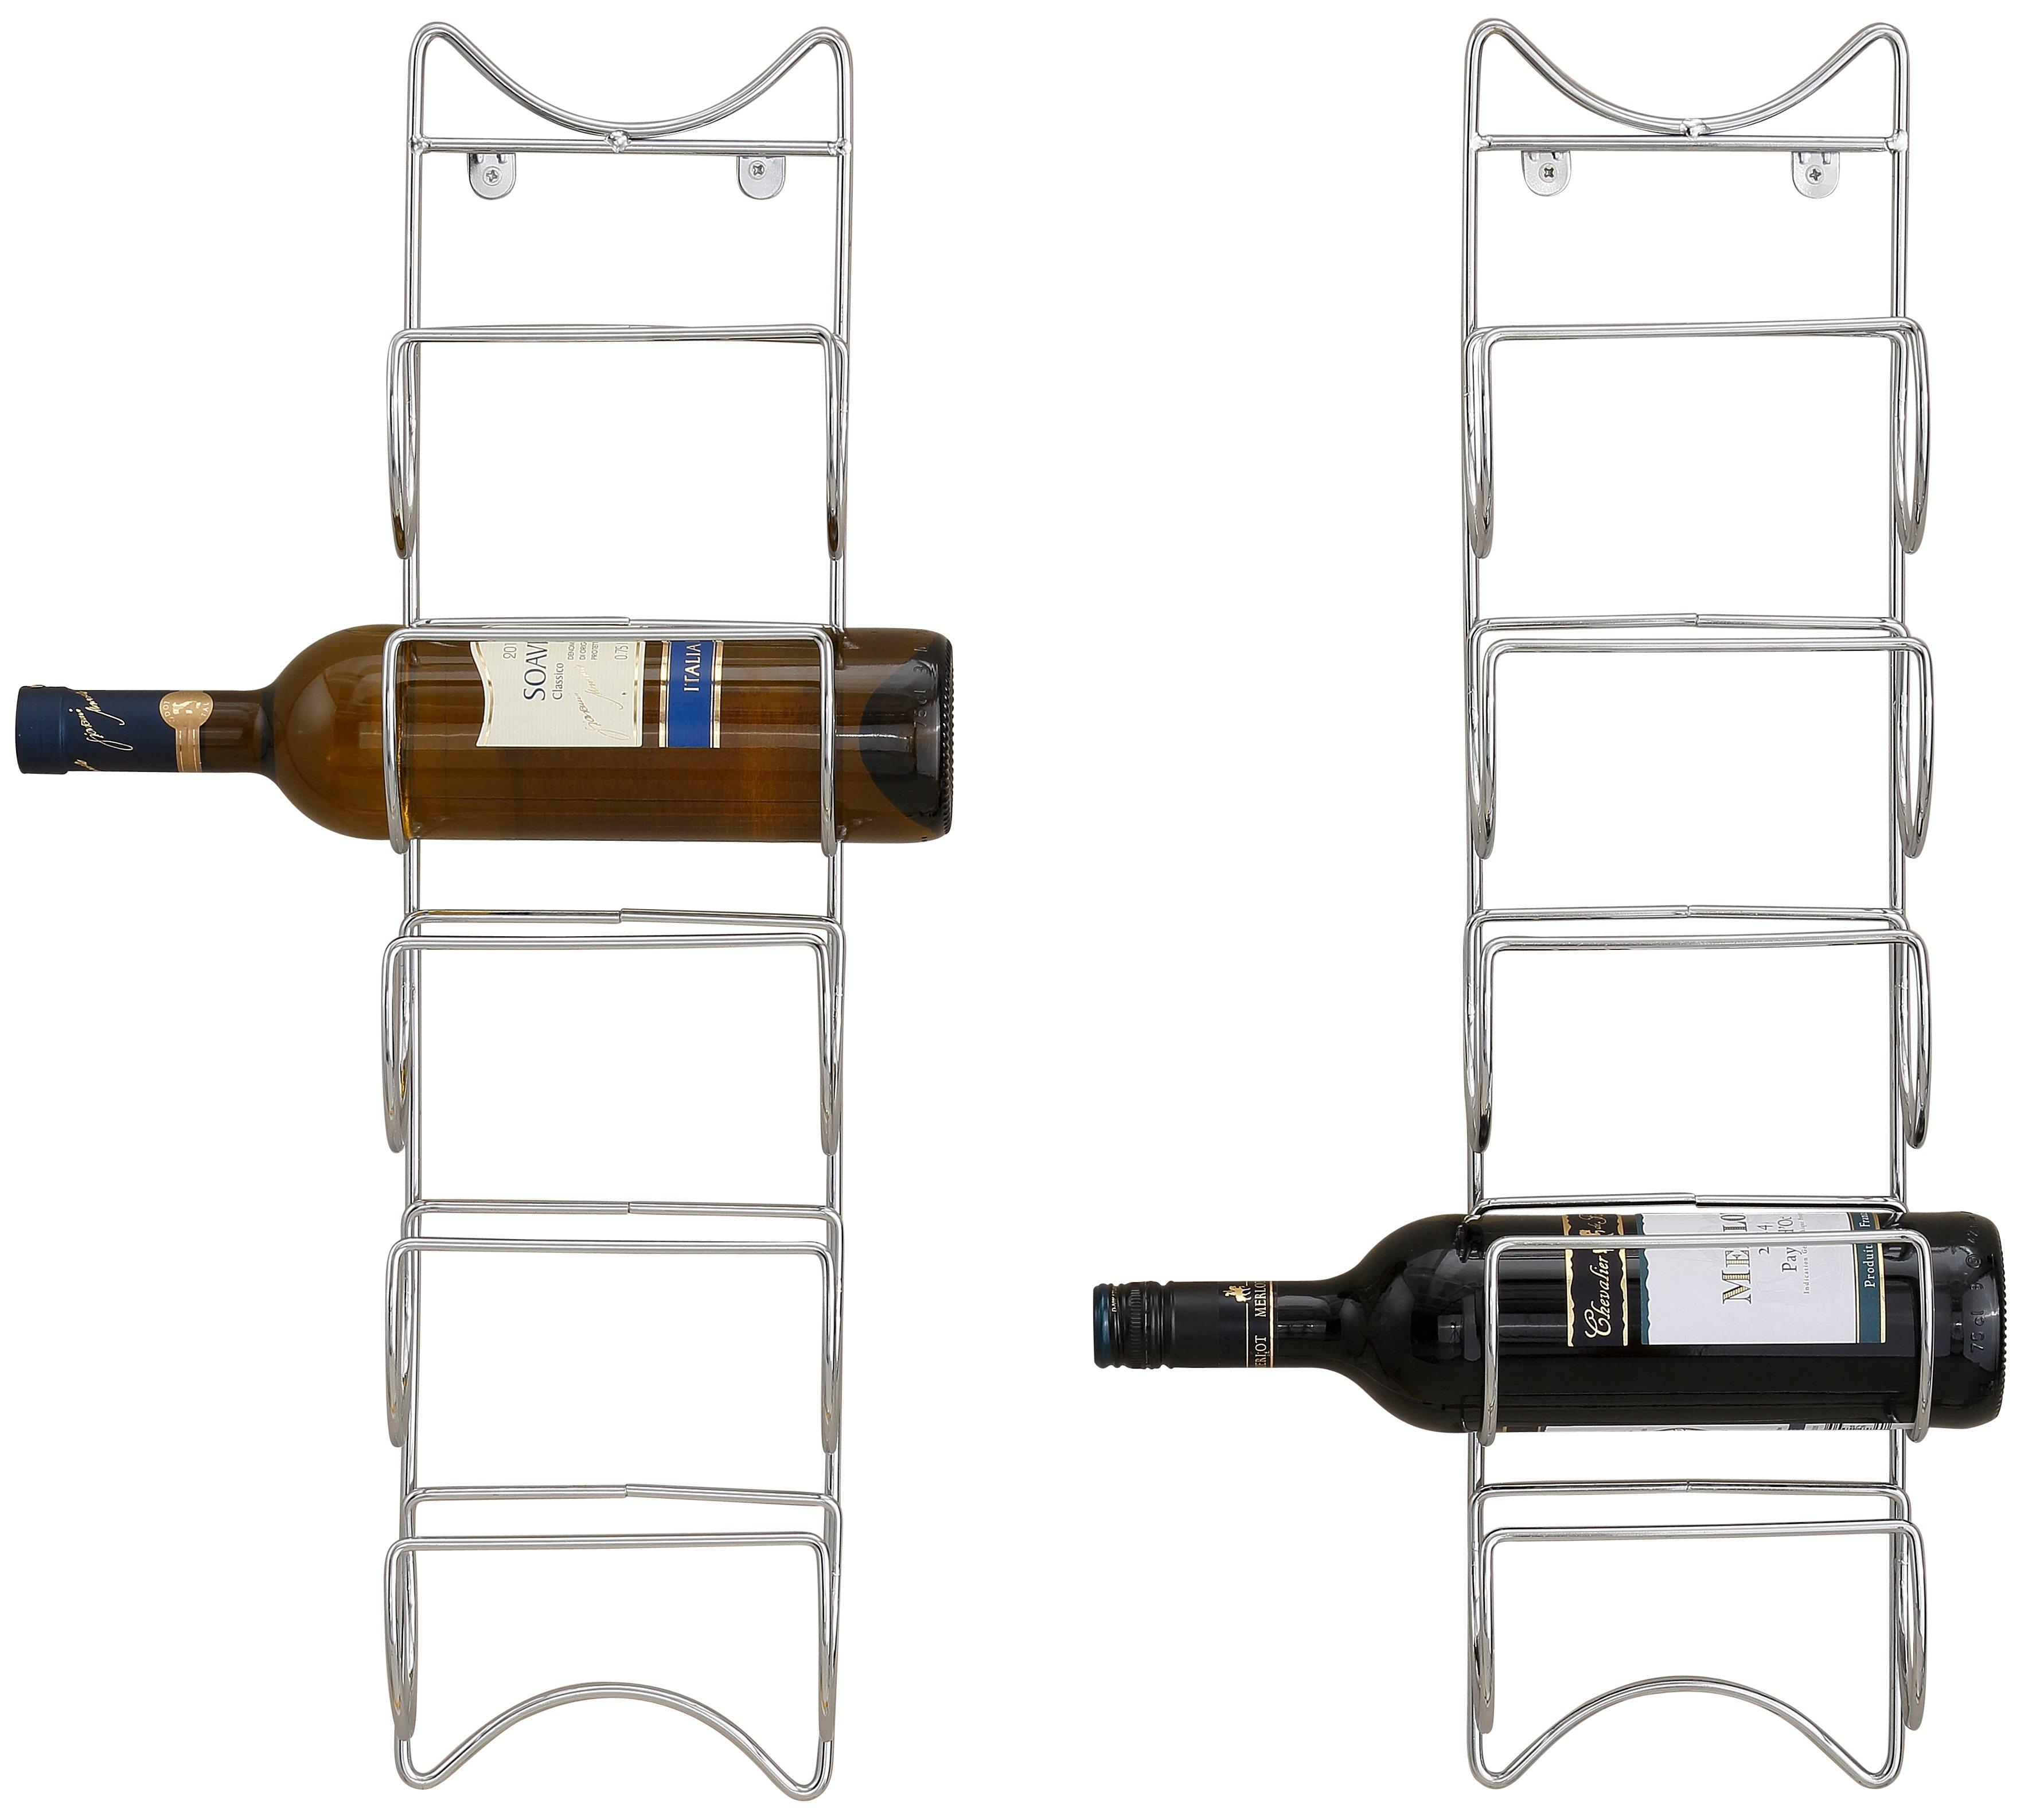 Home affaire Flaschenhalter (2er Set)   Küche und Esszimmer > Küchenregale > Weinregale   Home affaire